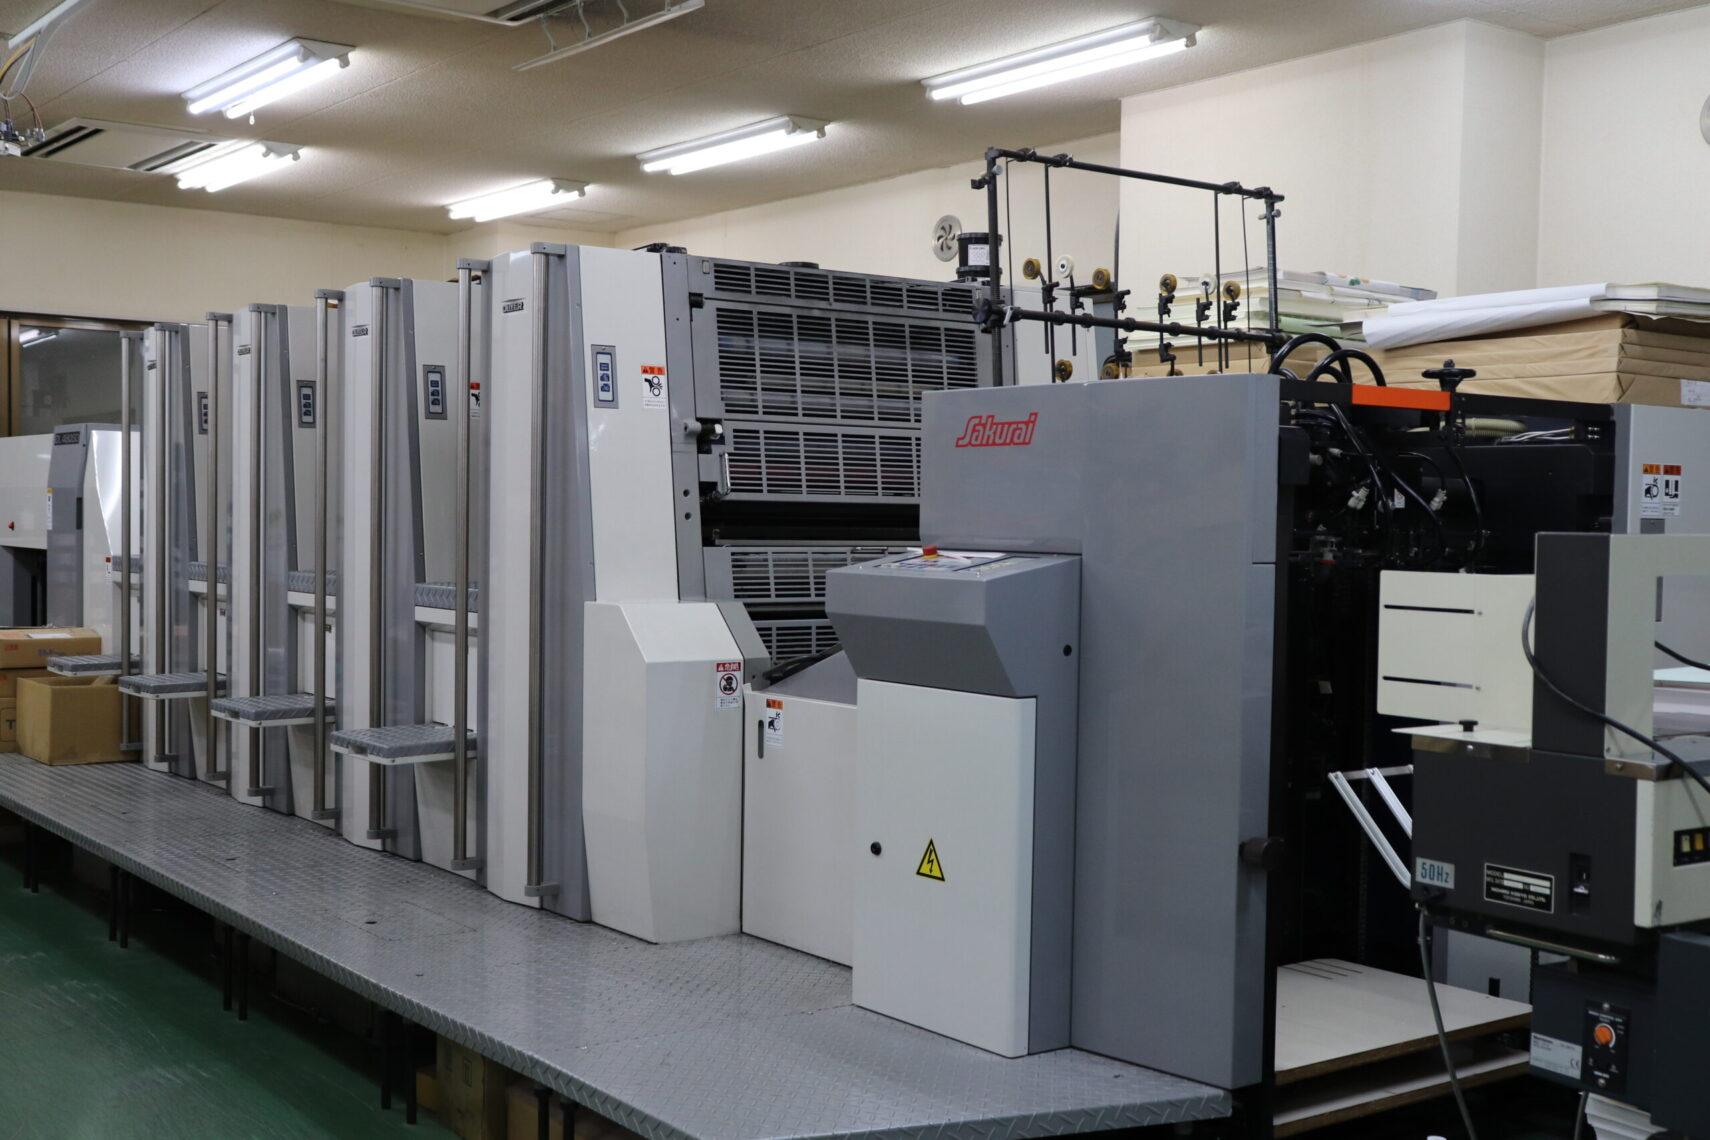 オピカの工場には印刷機が整備されている